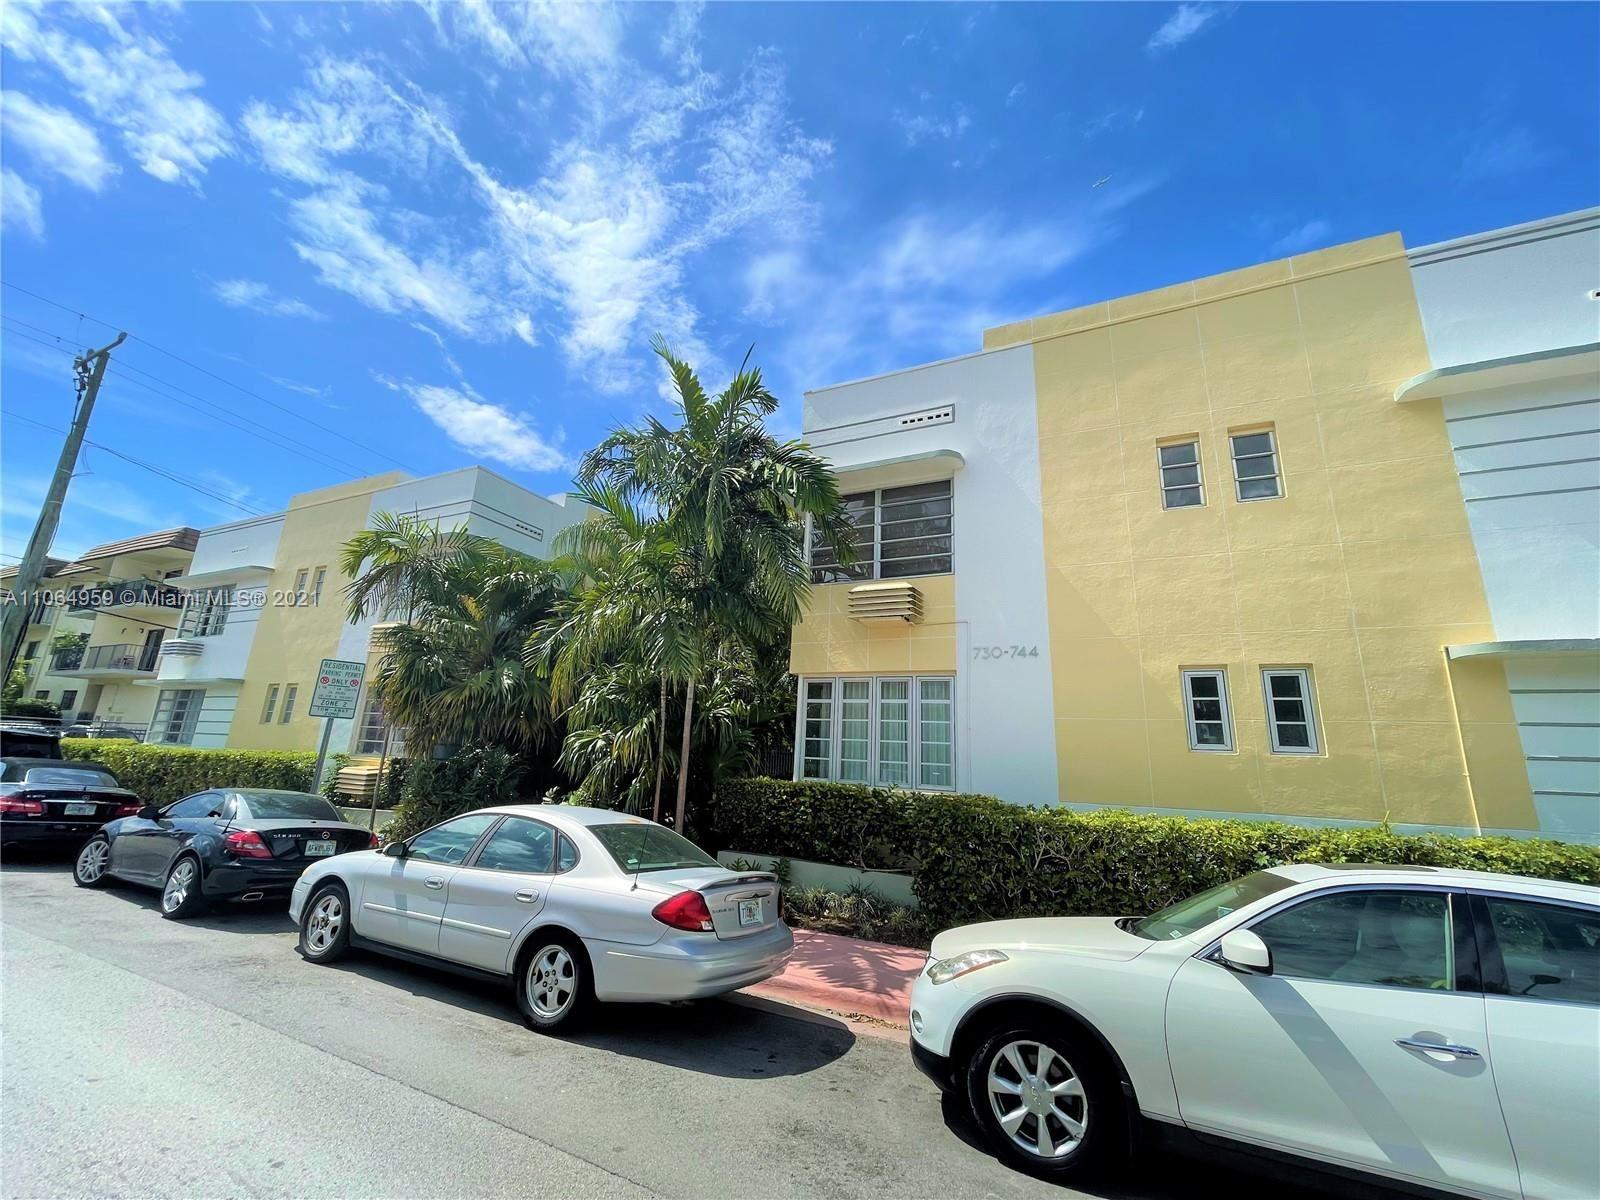 732 10th St #104, Miami Beach, FL 33139 - #: A11064959